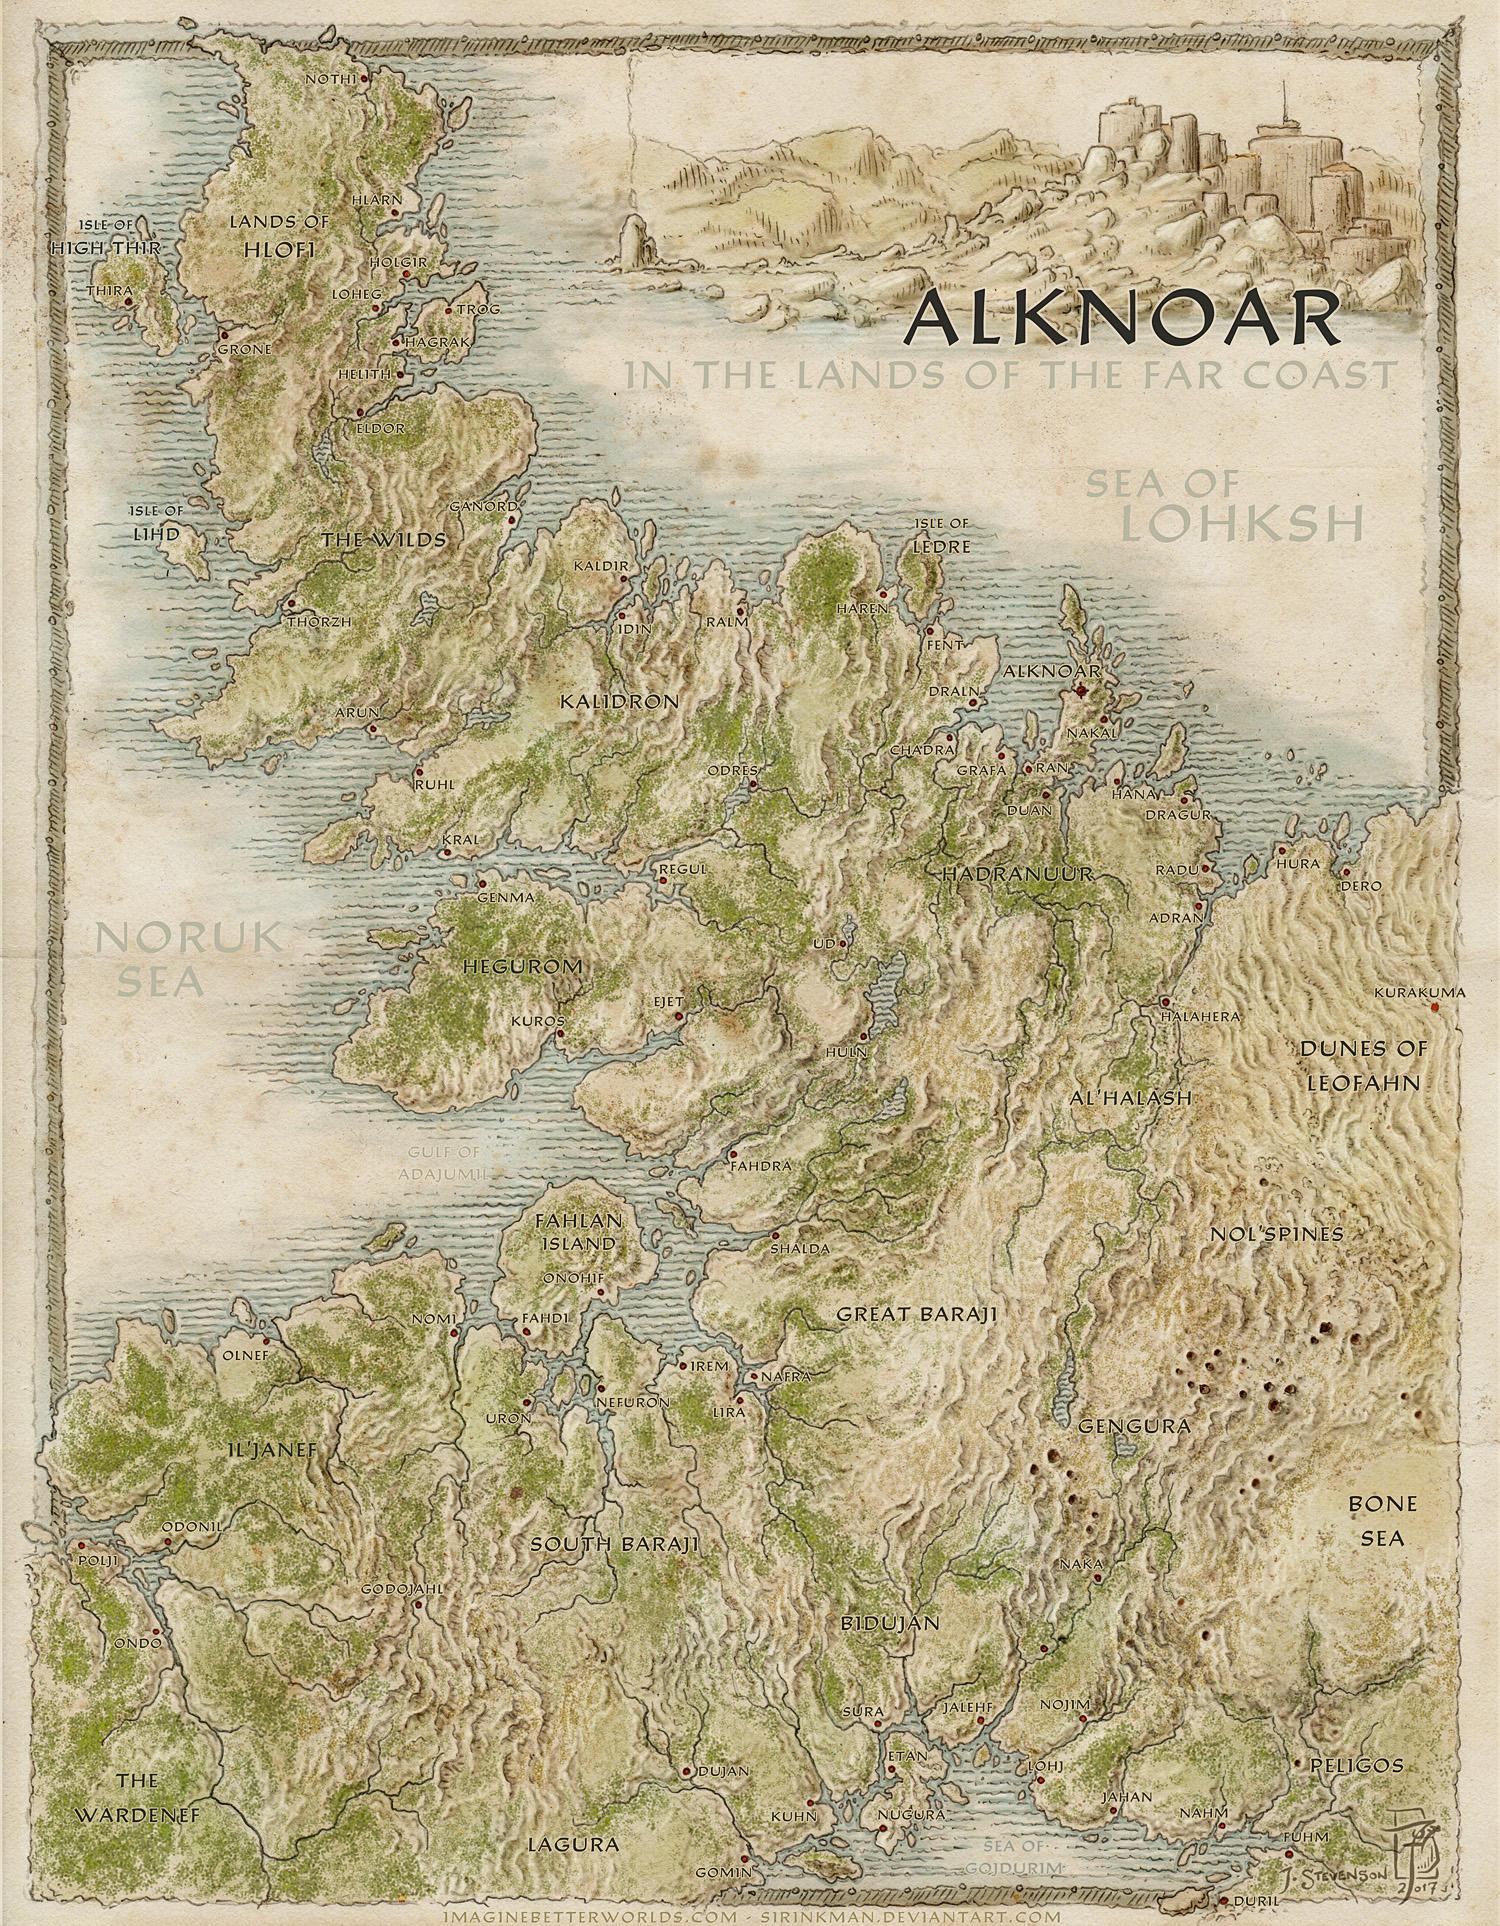 Alknoar and the Far Coast by SirInkman